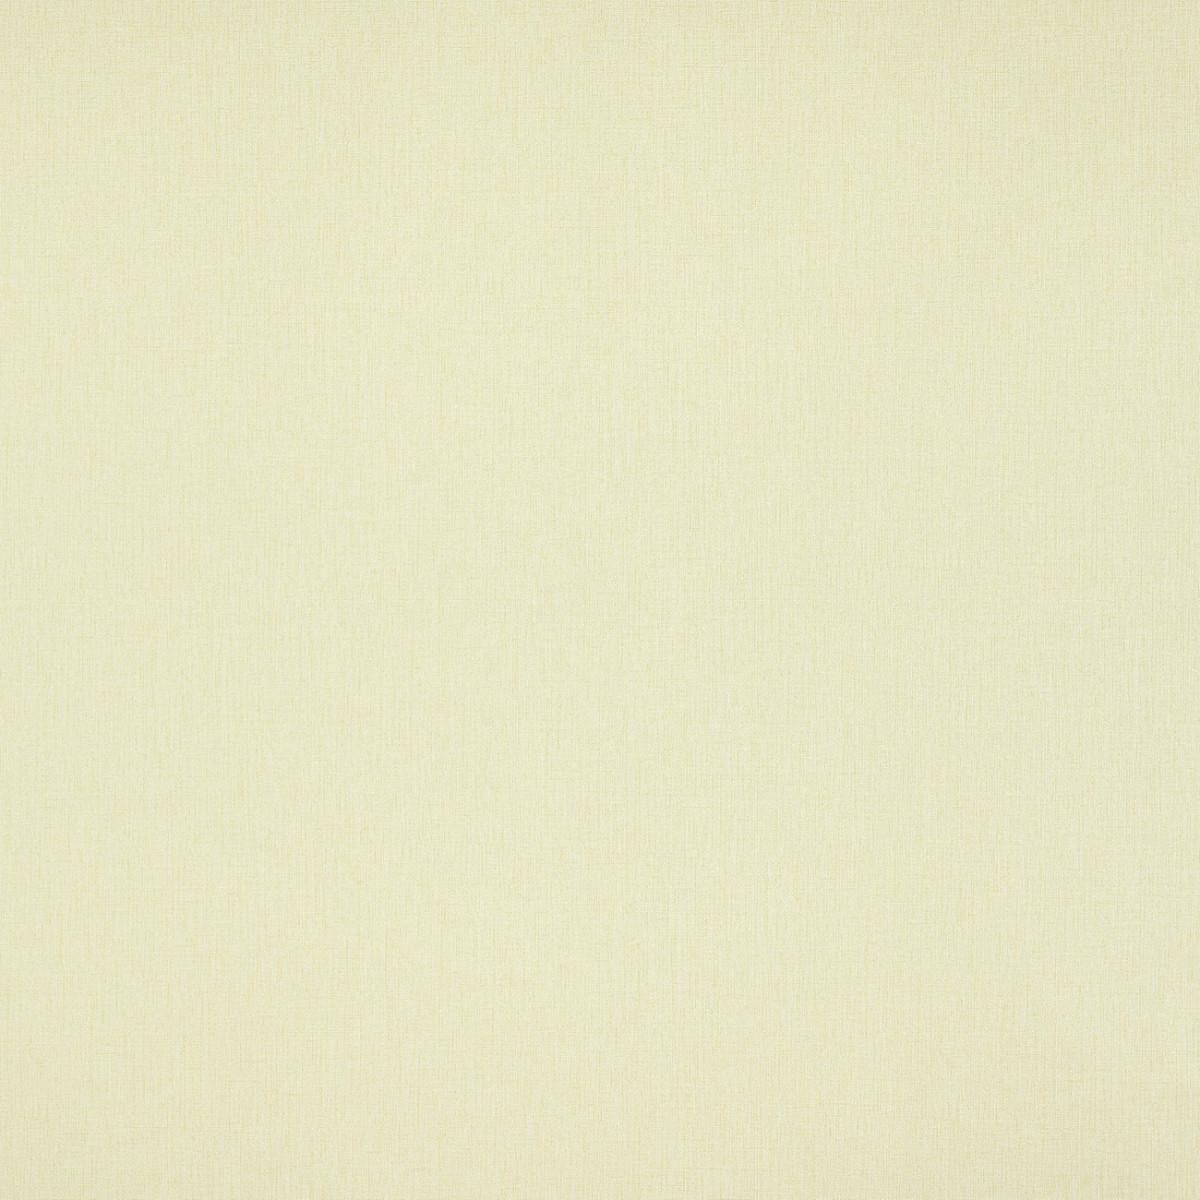 Обои флизелиновые Артекс Freedom желтые 1.06 м 10179-01